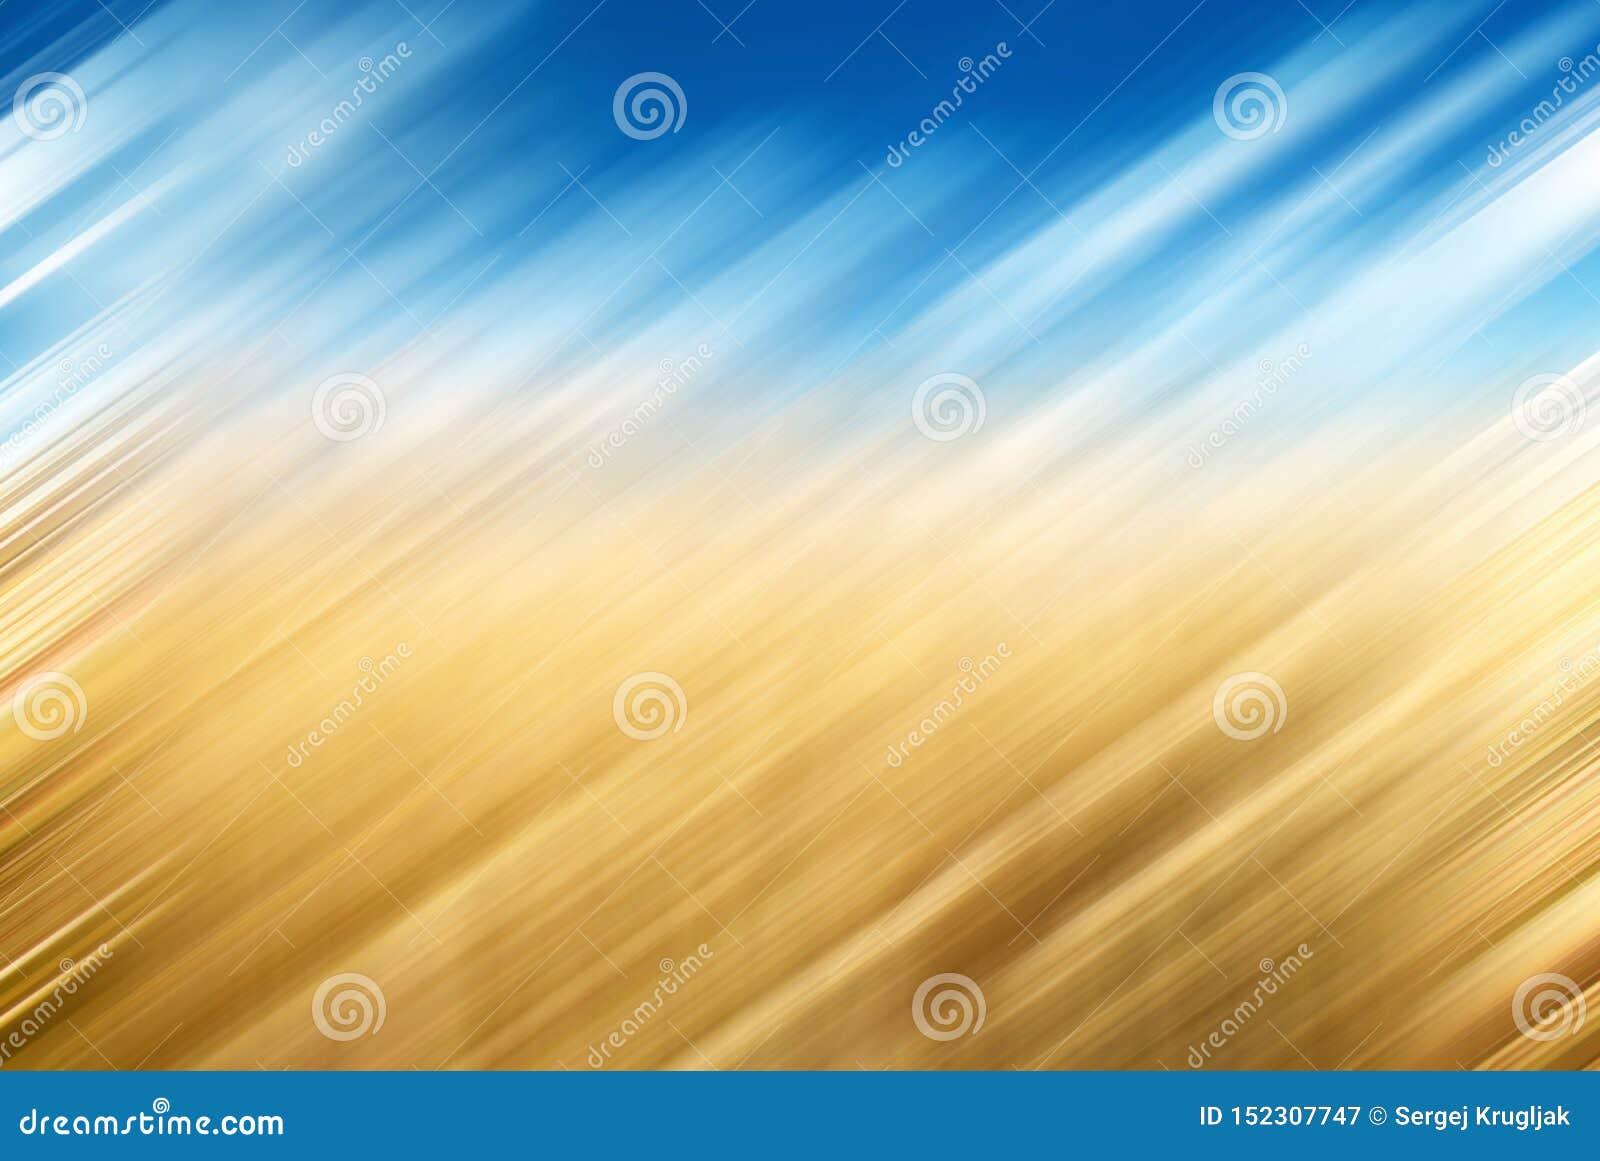 Concept de vacances d été : Bleu brouillé abstrait, fond jaune